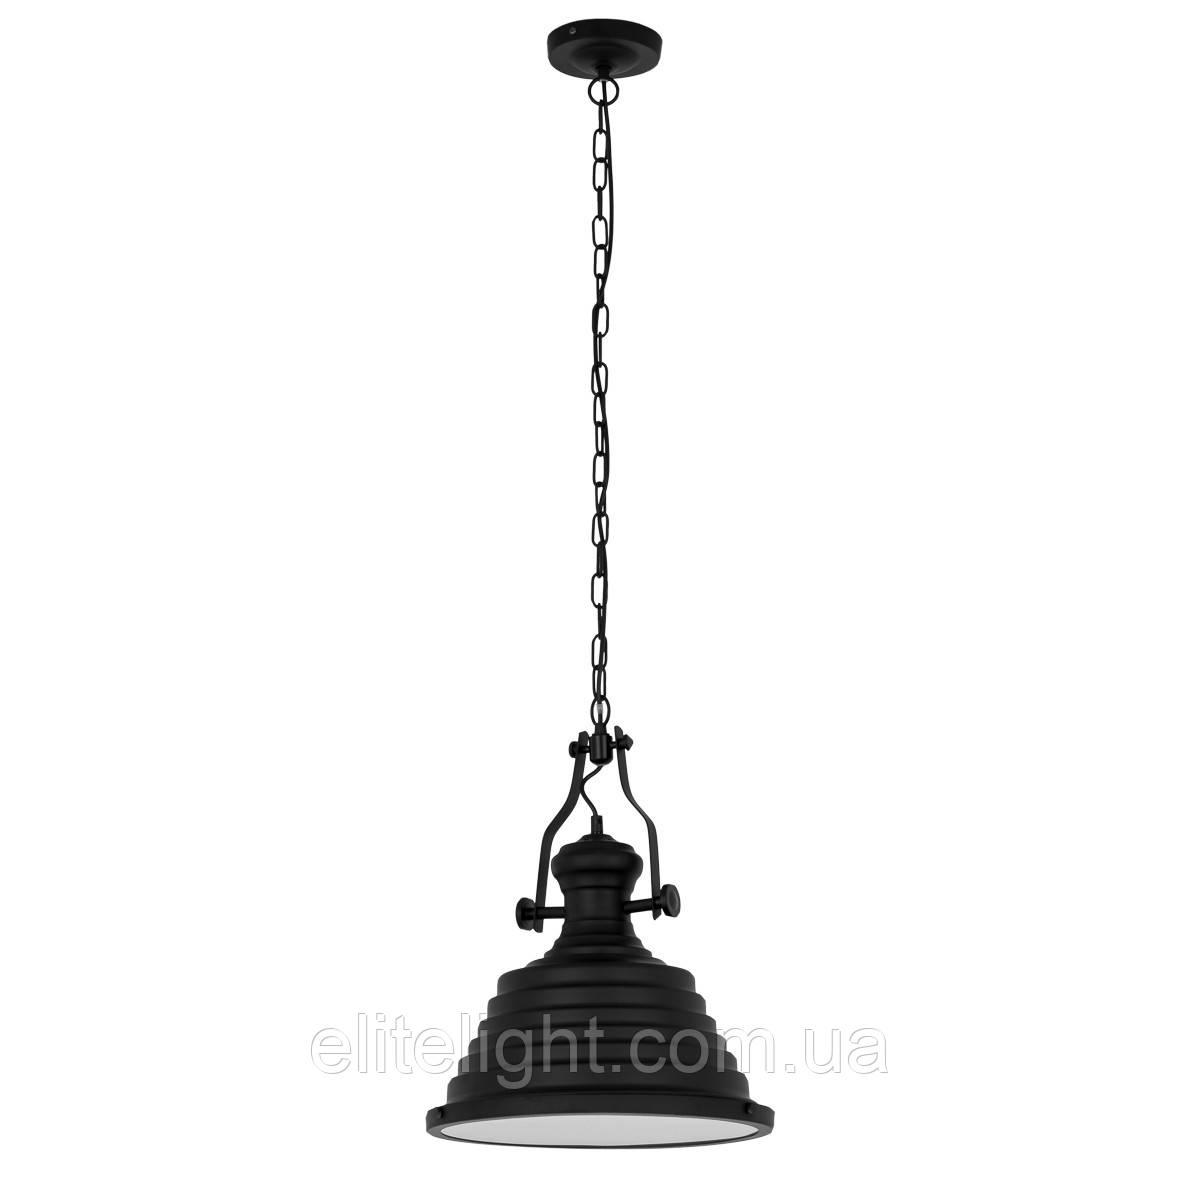 Подвесной светильник Italux MDM-2571/1 MAEVA